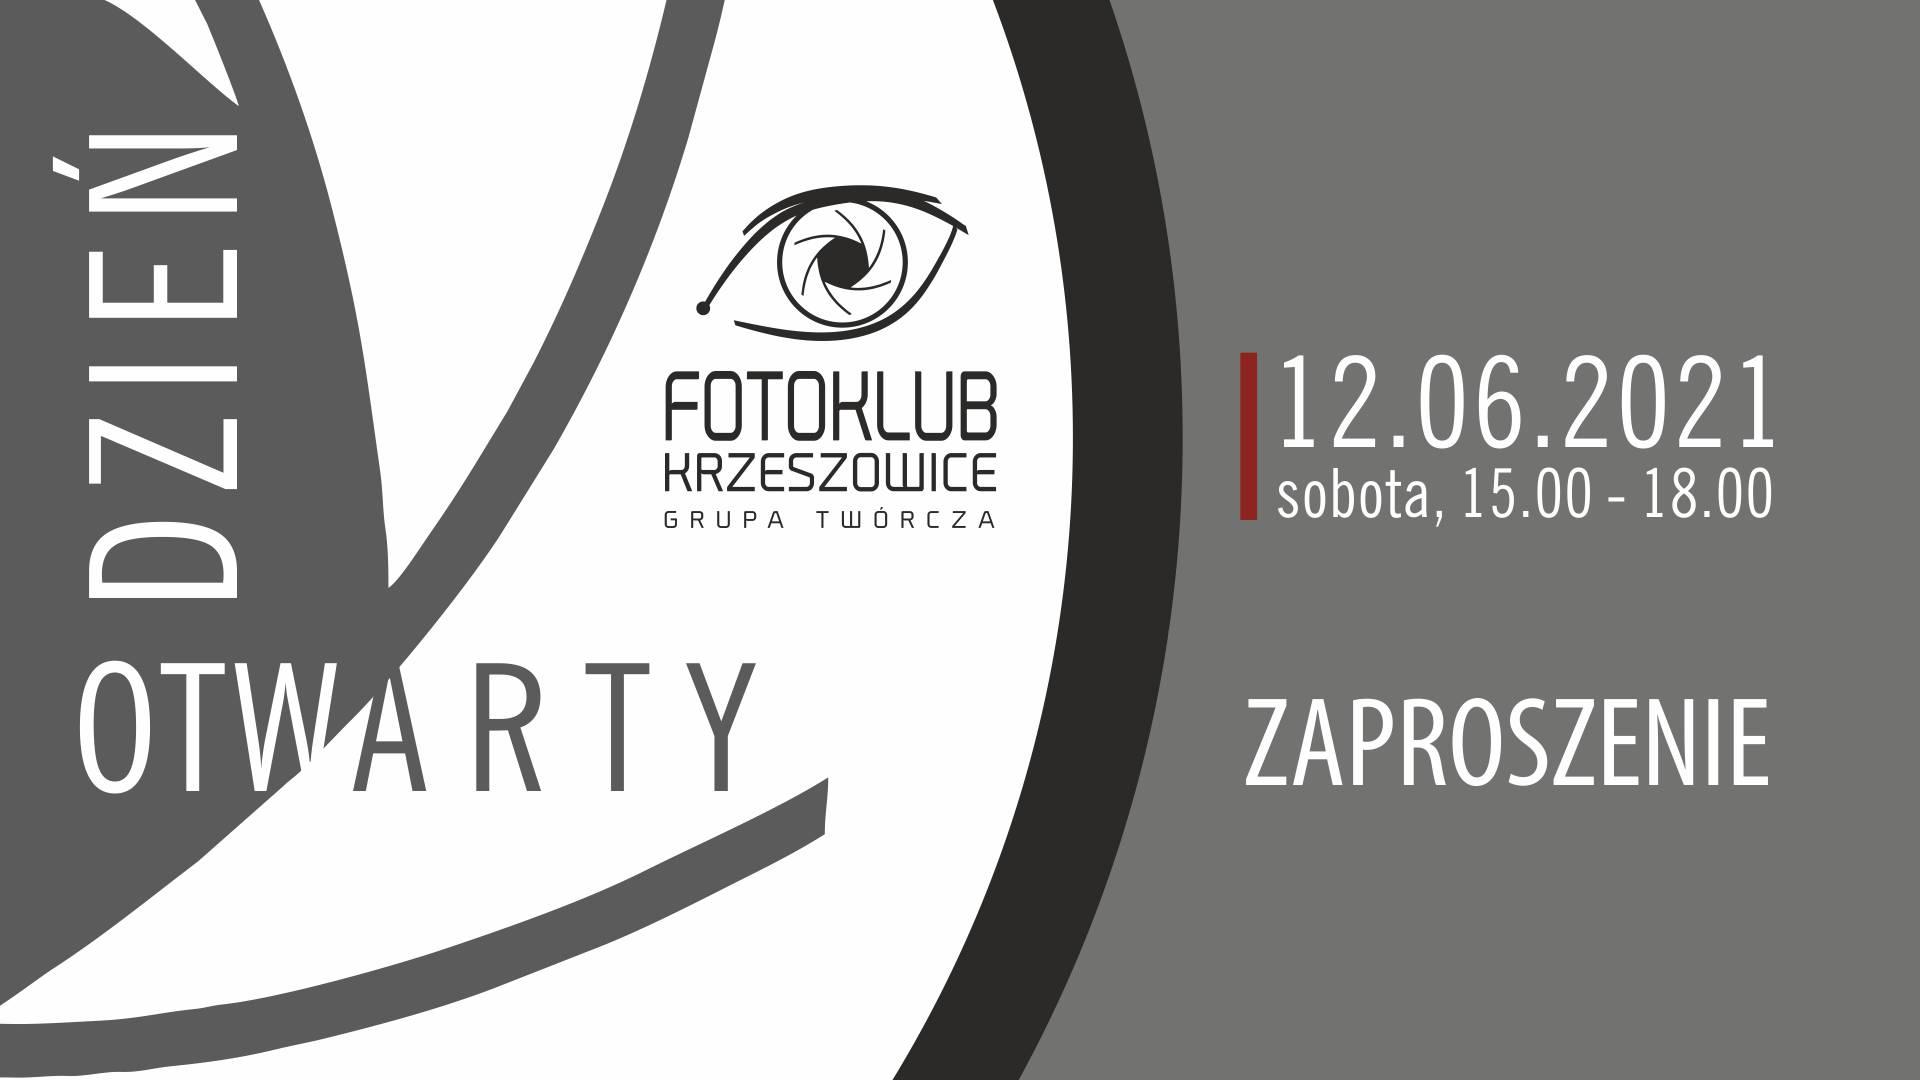 Dzień otwarty Fotoklubu Krzeszowice